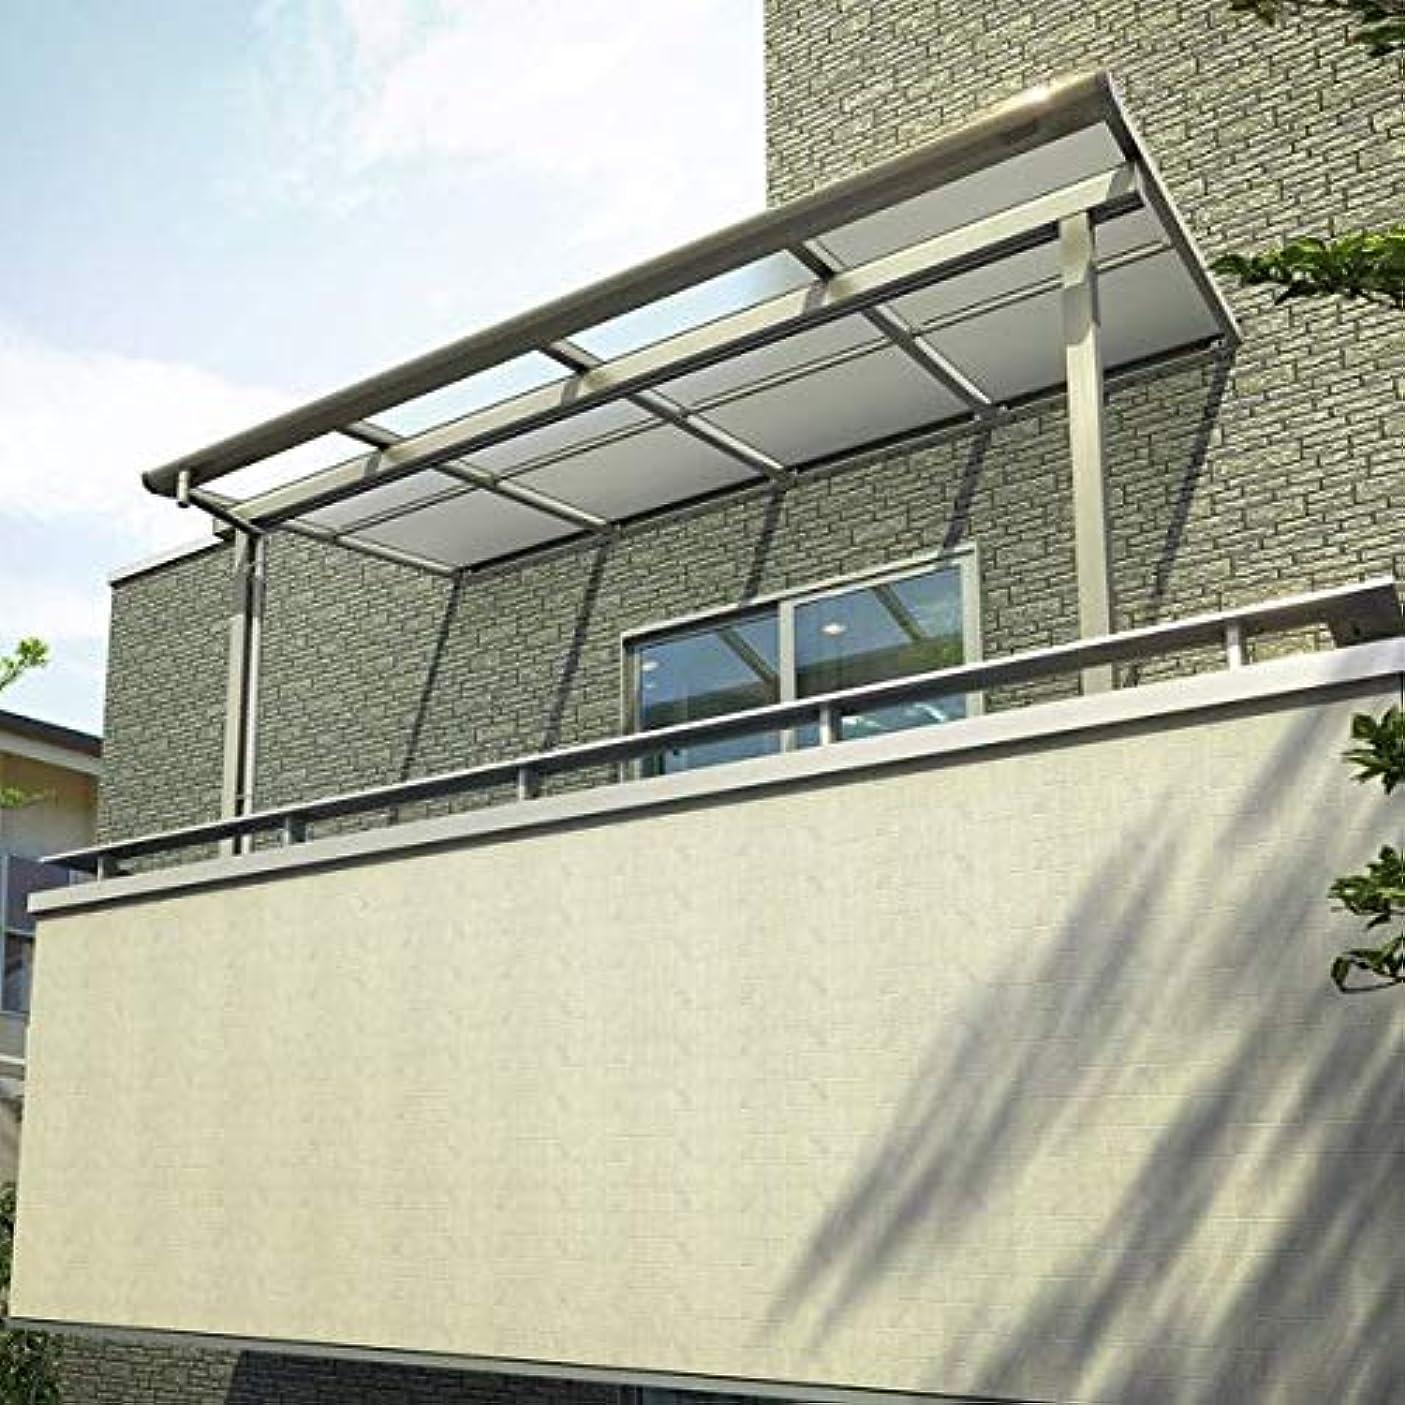 オーバードローピアノ制限YKKAP 躯体式バルコニー屋根 ソラリア Bタイプ 柱奥行移動タイプ 4間×4尺 フラット型 熱線遮断ポリカ屋根 メーターモジュール 600N/m2 中間取付金具セット付 ブラウン